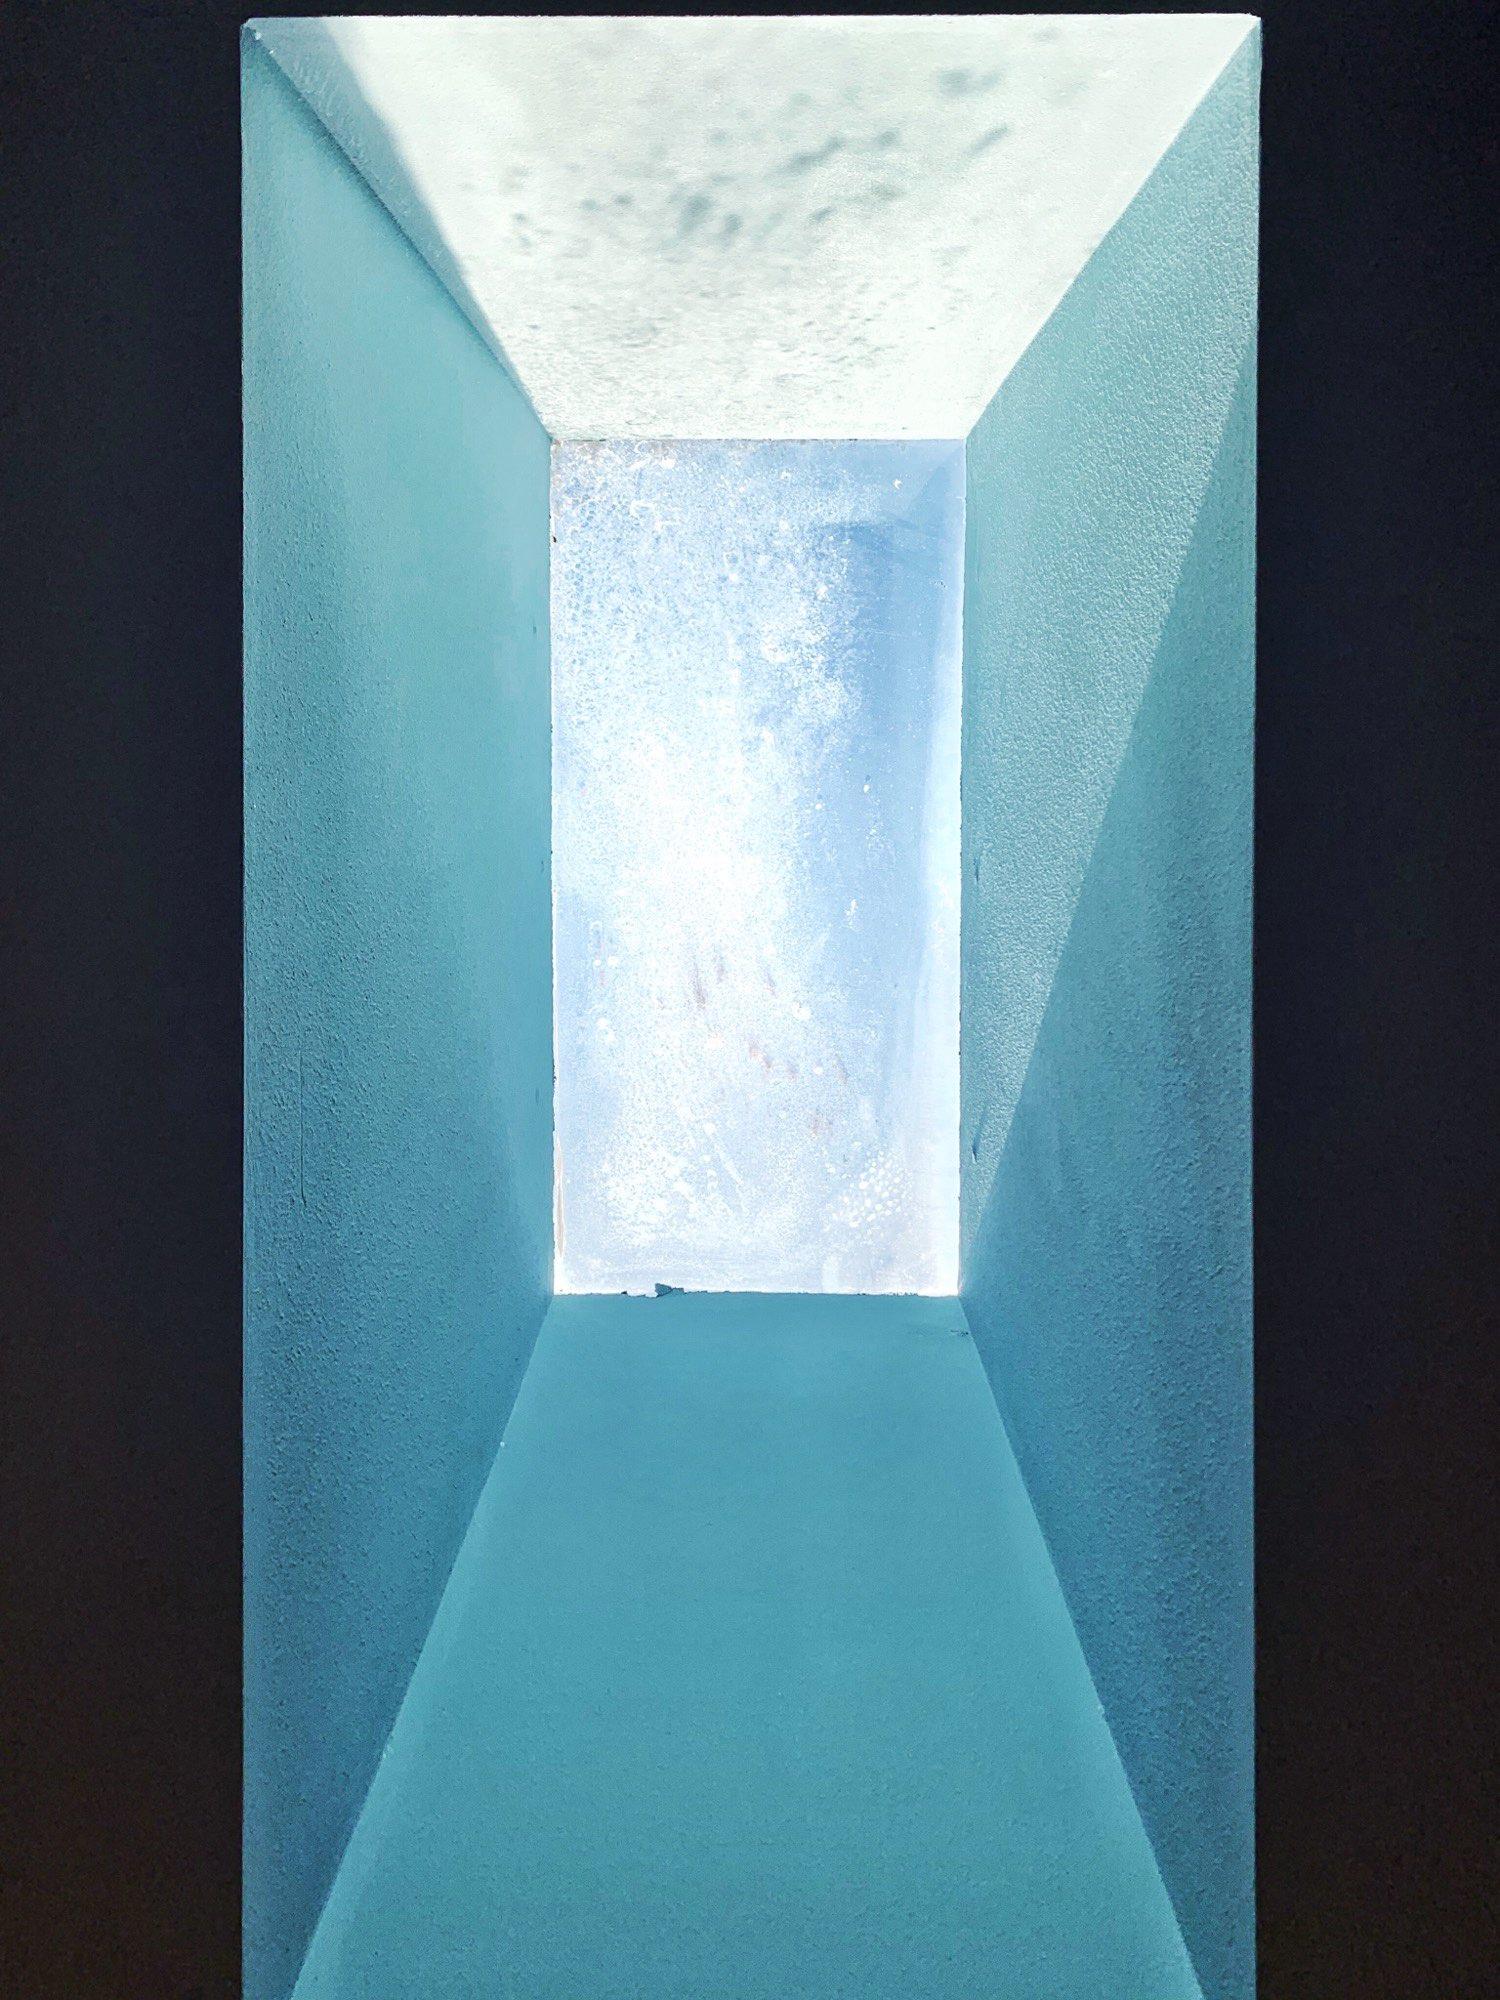 Symmetrical photo of a skylight, midday.